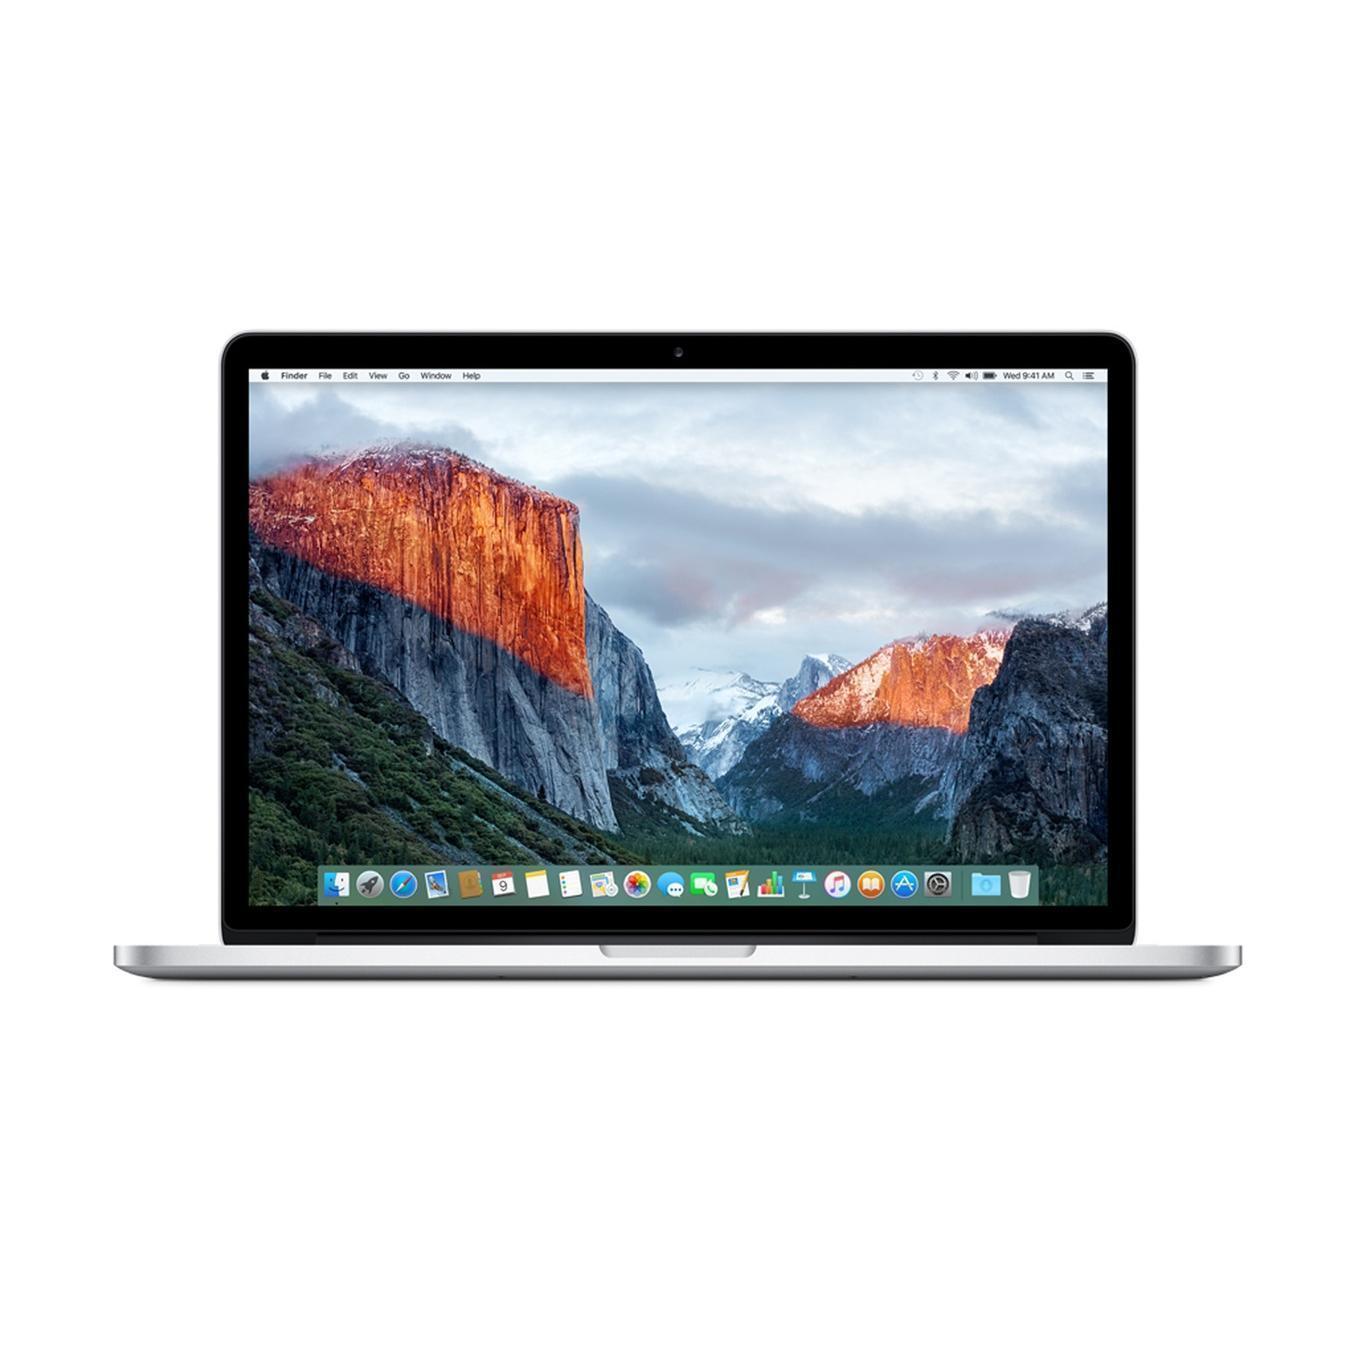 MacBook Pro Retina 15,4-tum (2014) - Core i7 - 16GB - SSD 256 GB QWERTY - Spanska